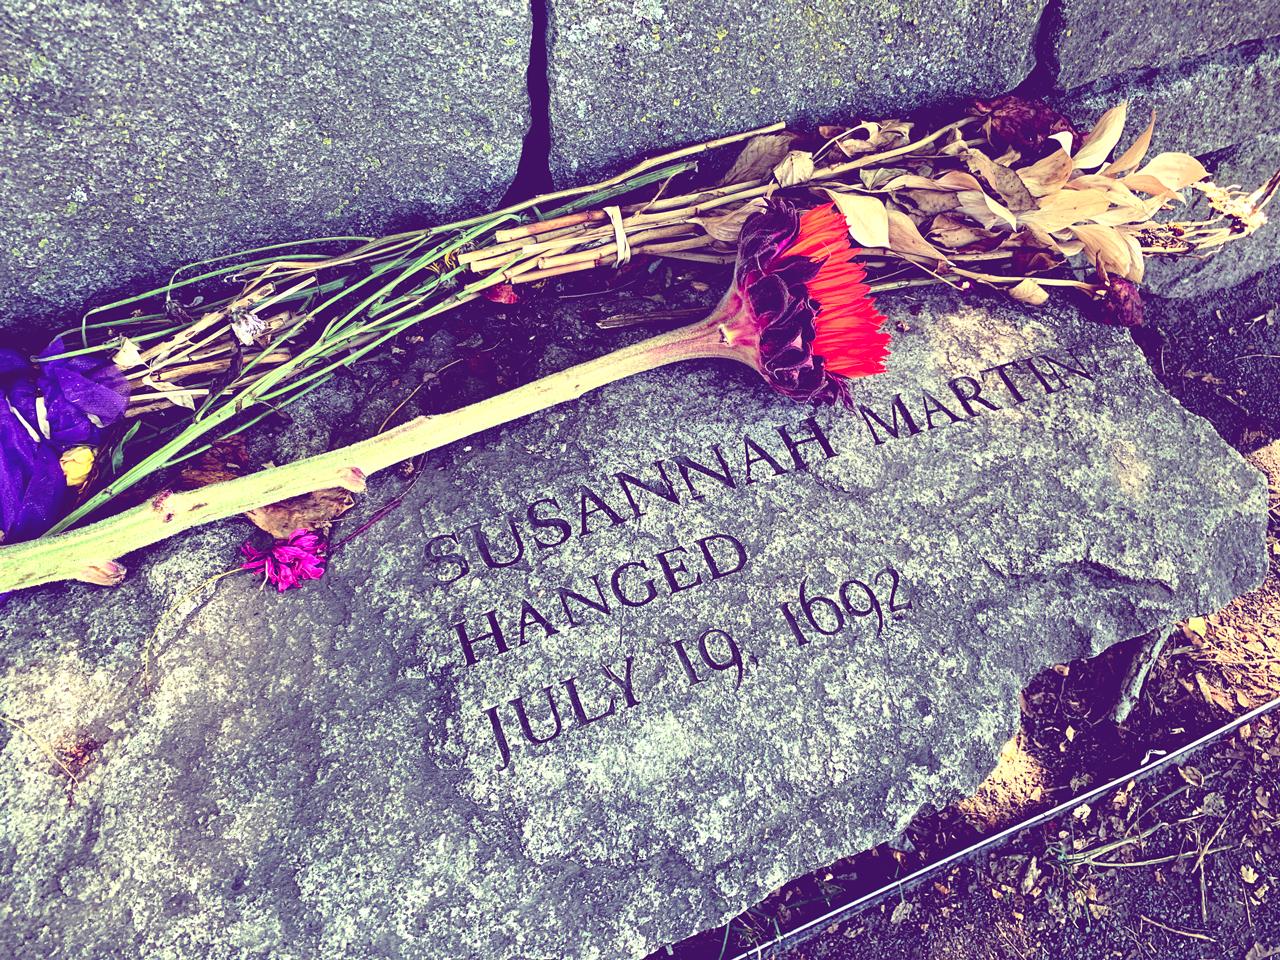 salem-witch-trials-memorial-massachusetts-susannah-martin-1280x960